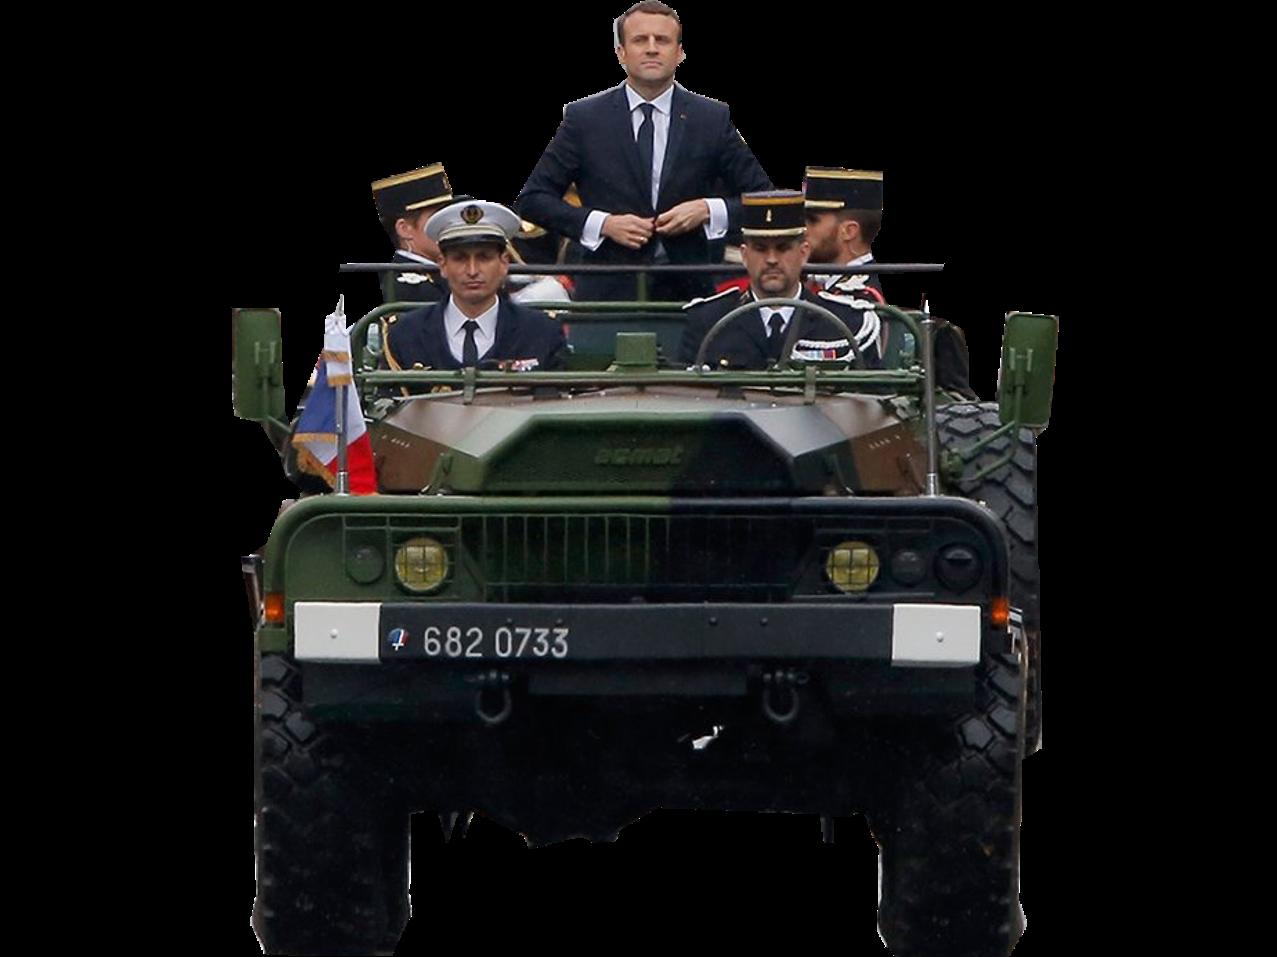 Sticker politic emmanuel macron president de la republique ceremonie investiture officiel soldat militaire pouvoir president bg kolossal prestance jeune et dynamique